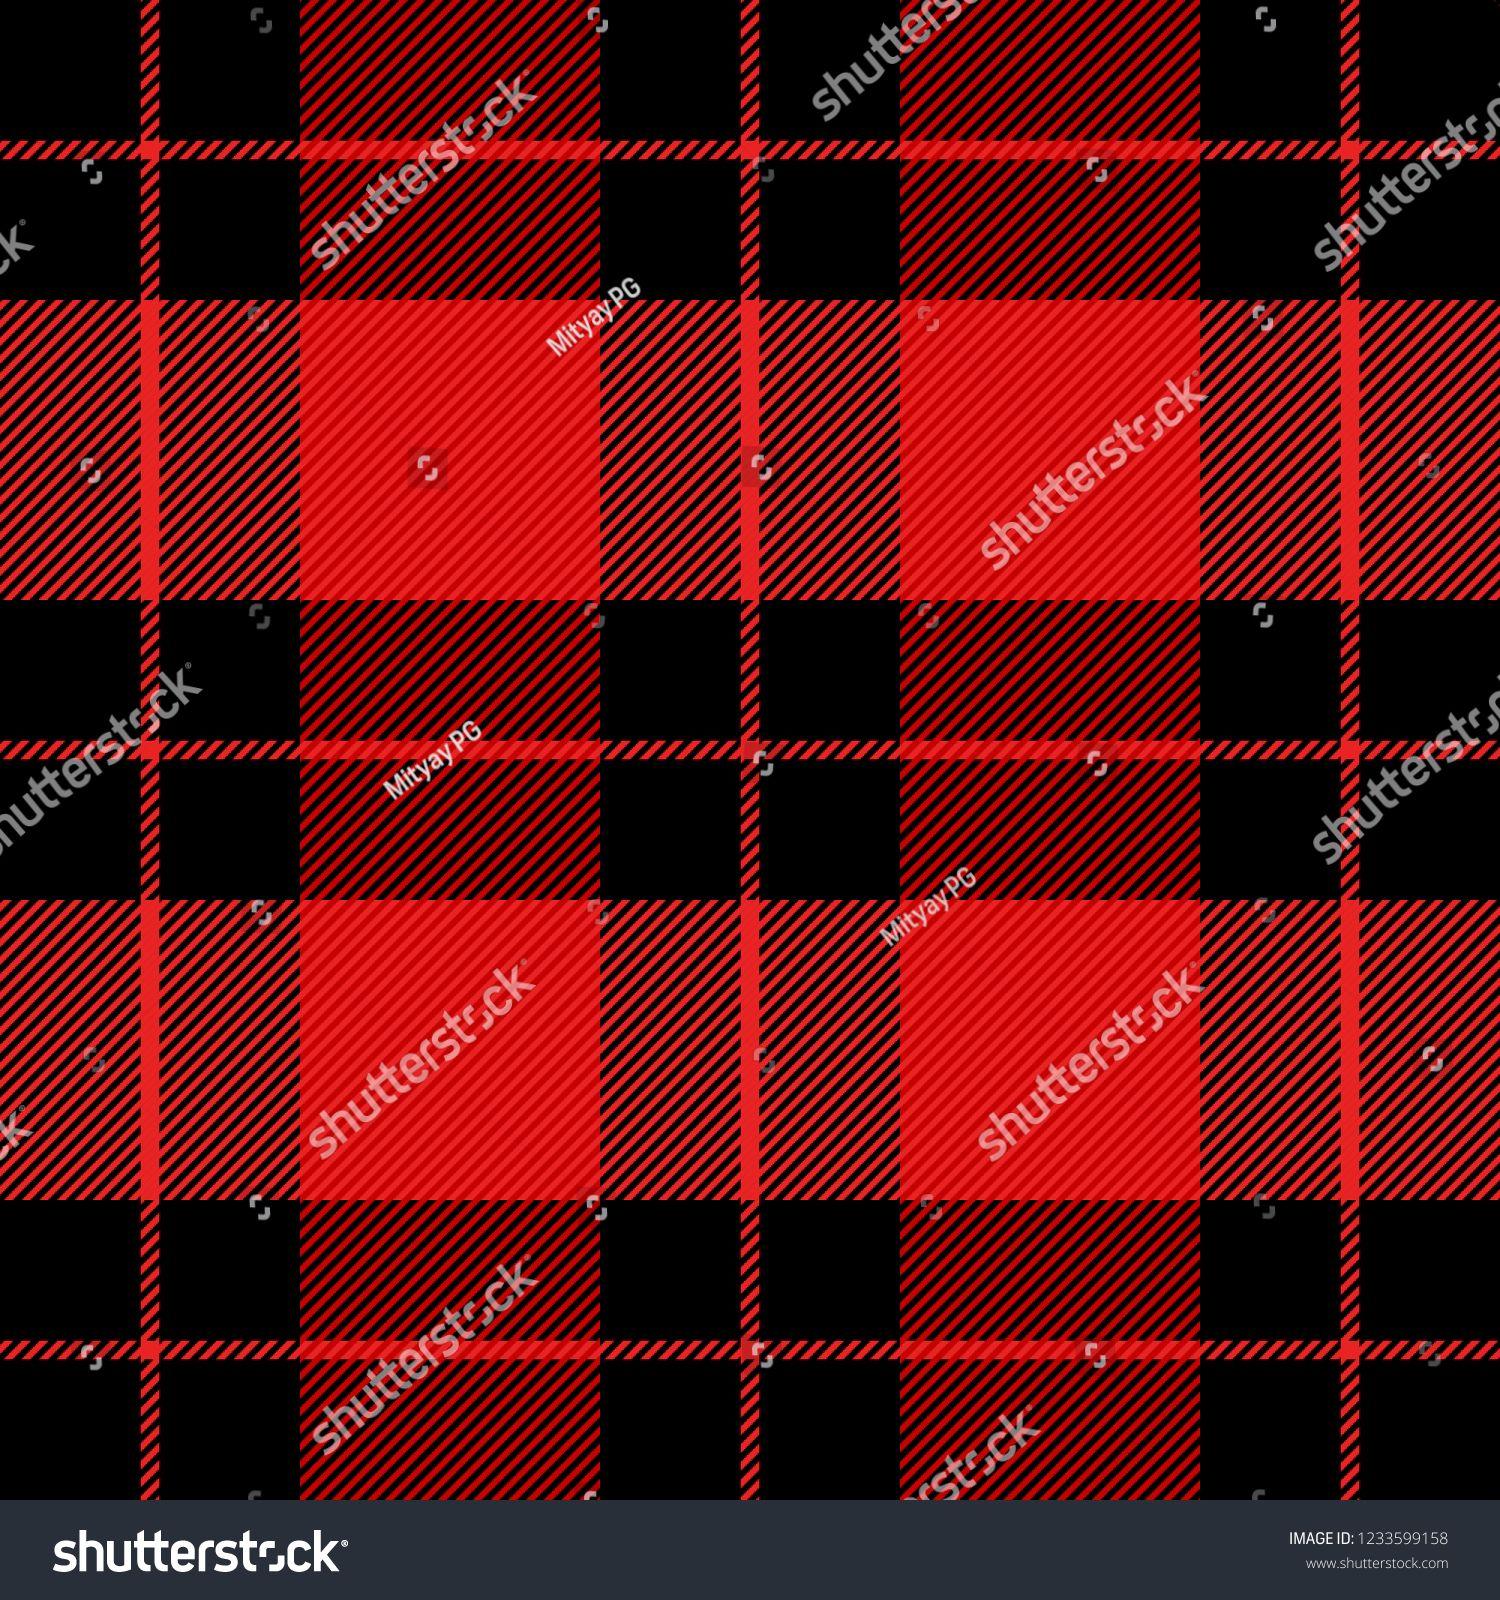 Buffalo Check Plaid Fabric Buffalo Plaid Black Red Etsy Wallpaper Iphone Christmas Cute Christmas Wallpaper Christmas Phone Wallpaper